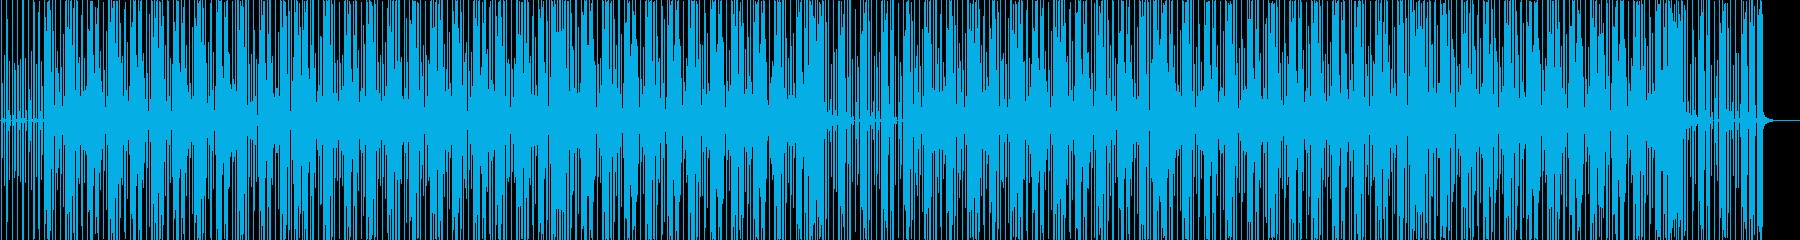 ビリー・ジーン風クールなファンク・ギターの再生済みの波形